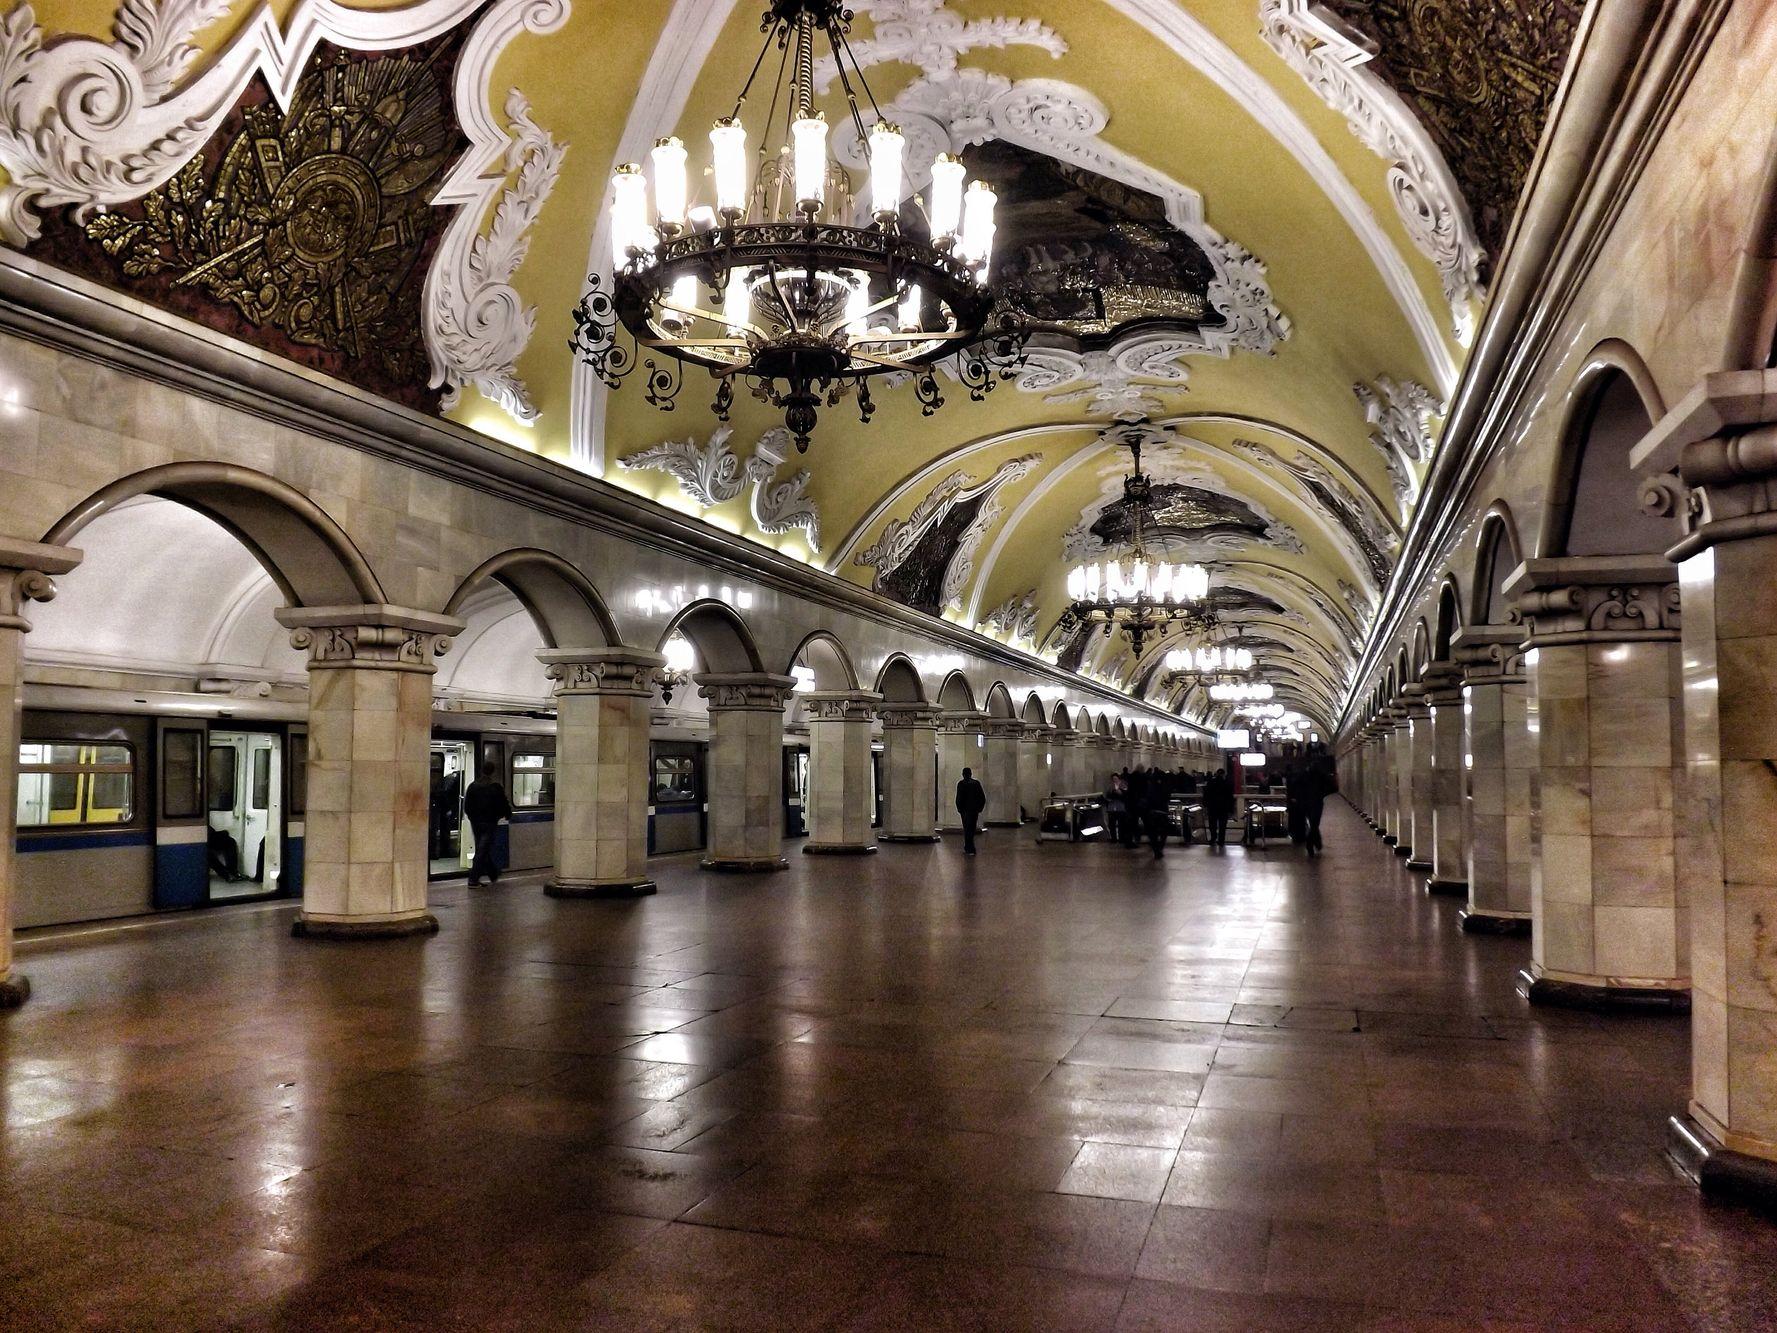 Dünyanın en büyük metro sistemlerinden biri olan Moskova metrosu.